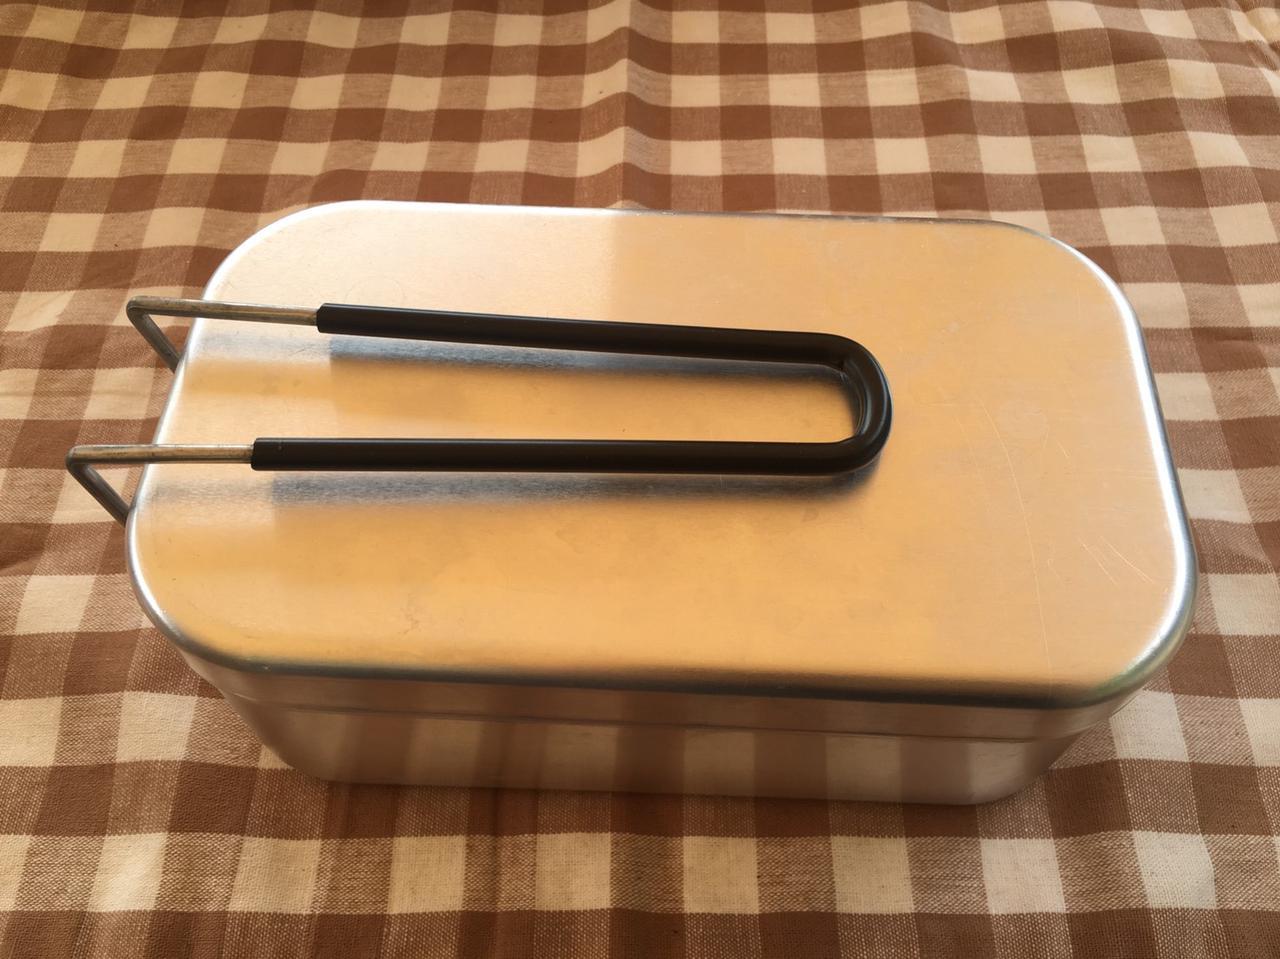 画像: キャンプでお米を炊くのは意外と面倒! メスティンなら放っておいてもご飯が美味しく炊ける